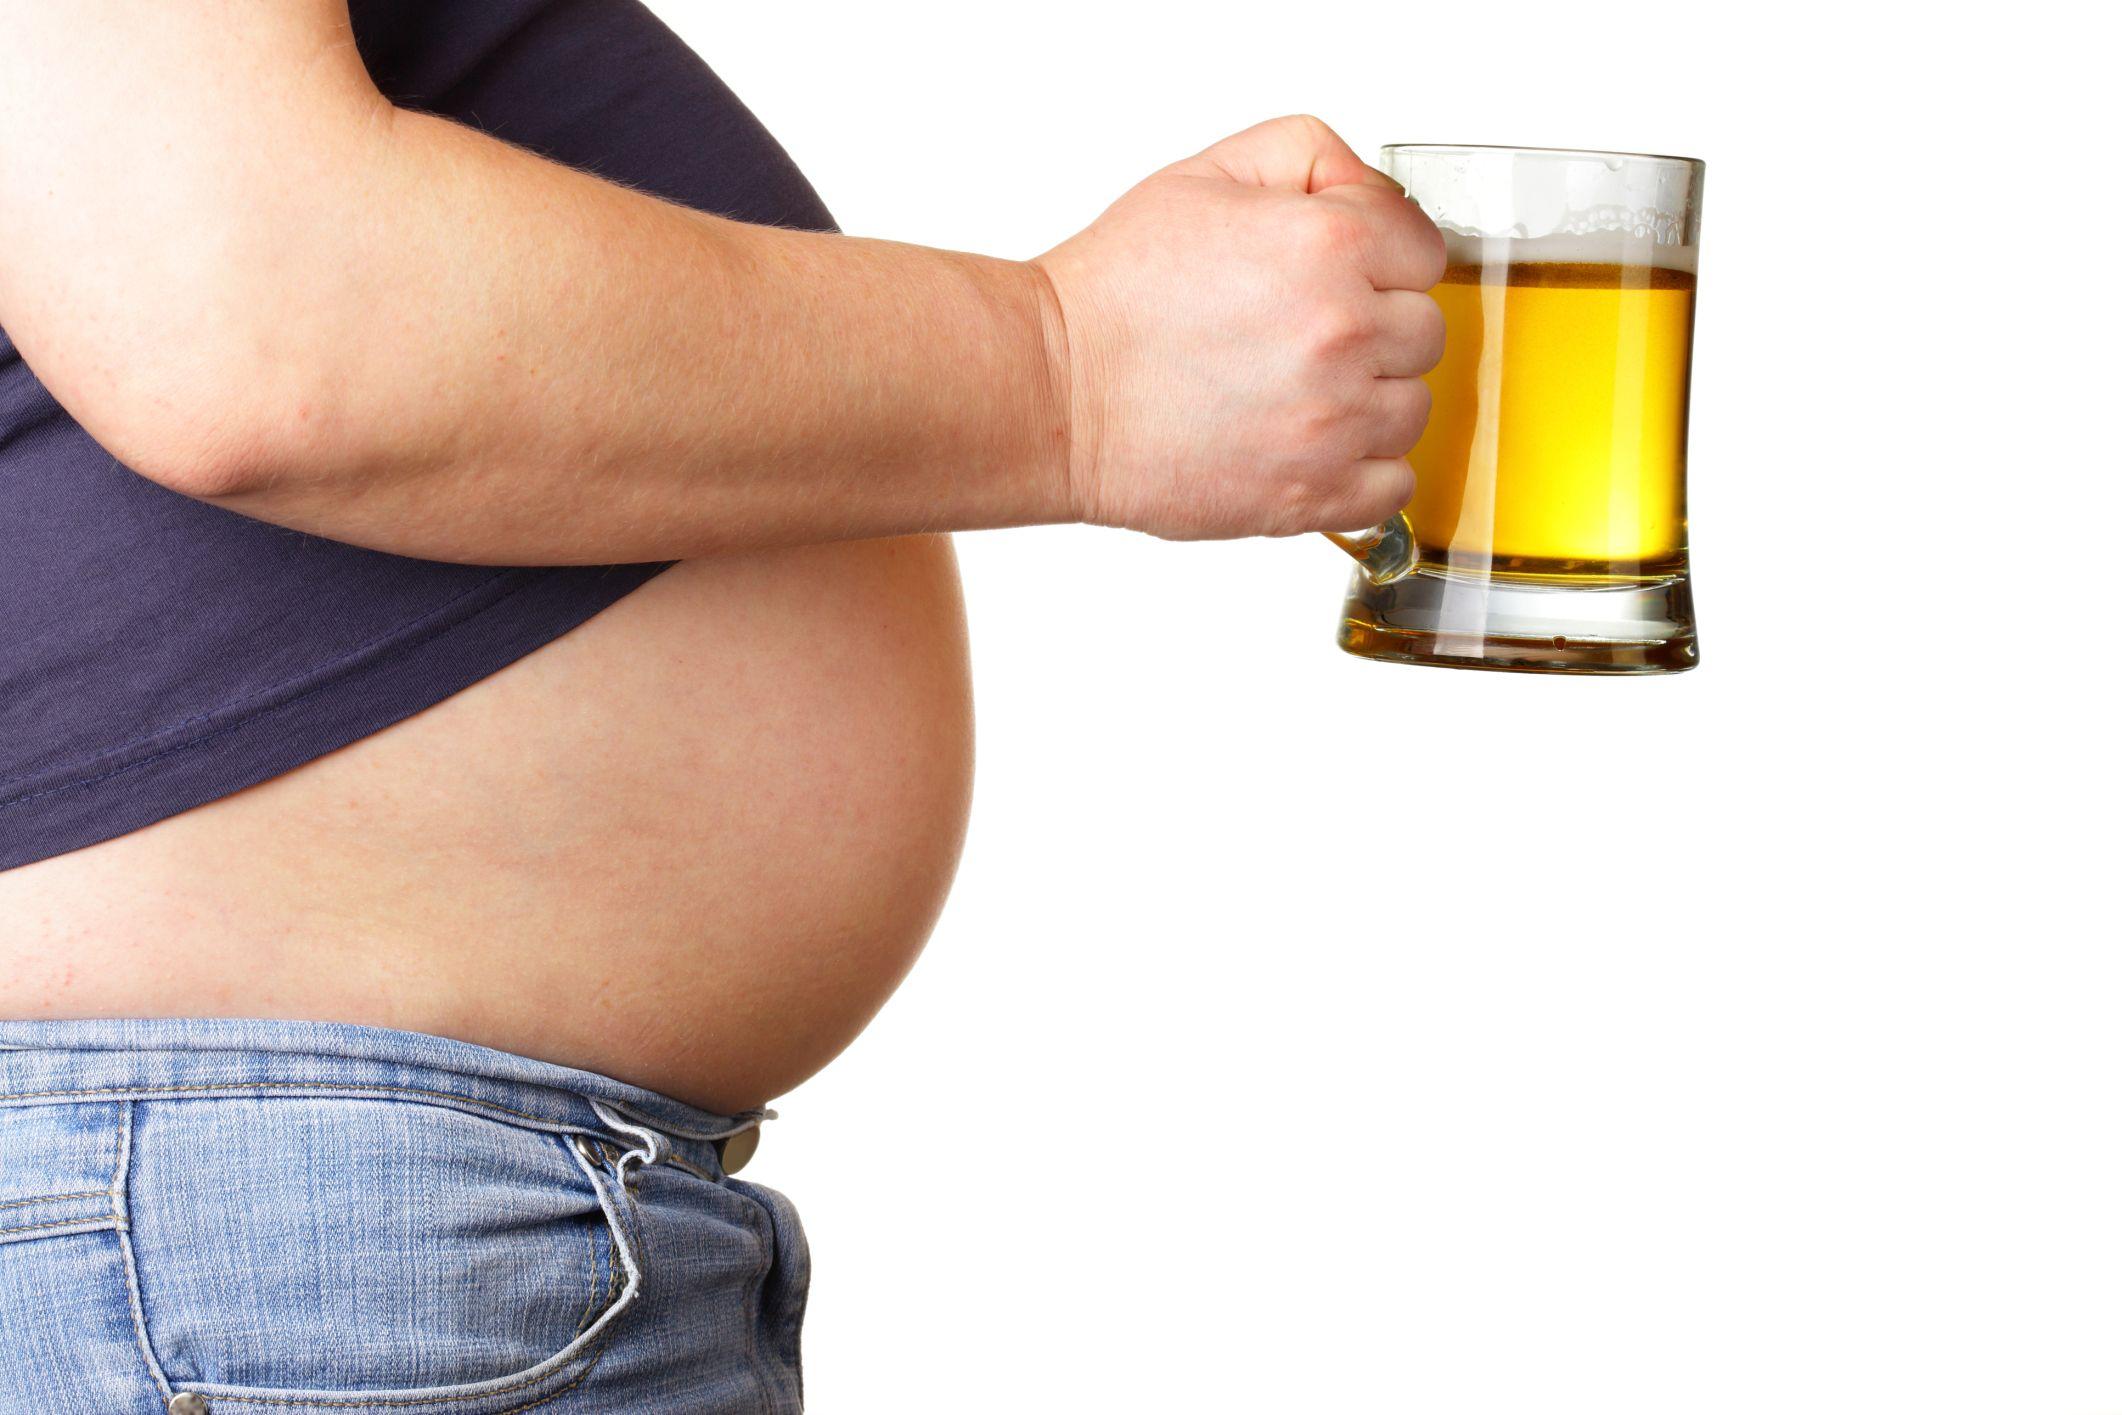 Calorias de las bebidas alcoholicas